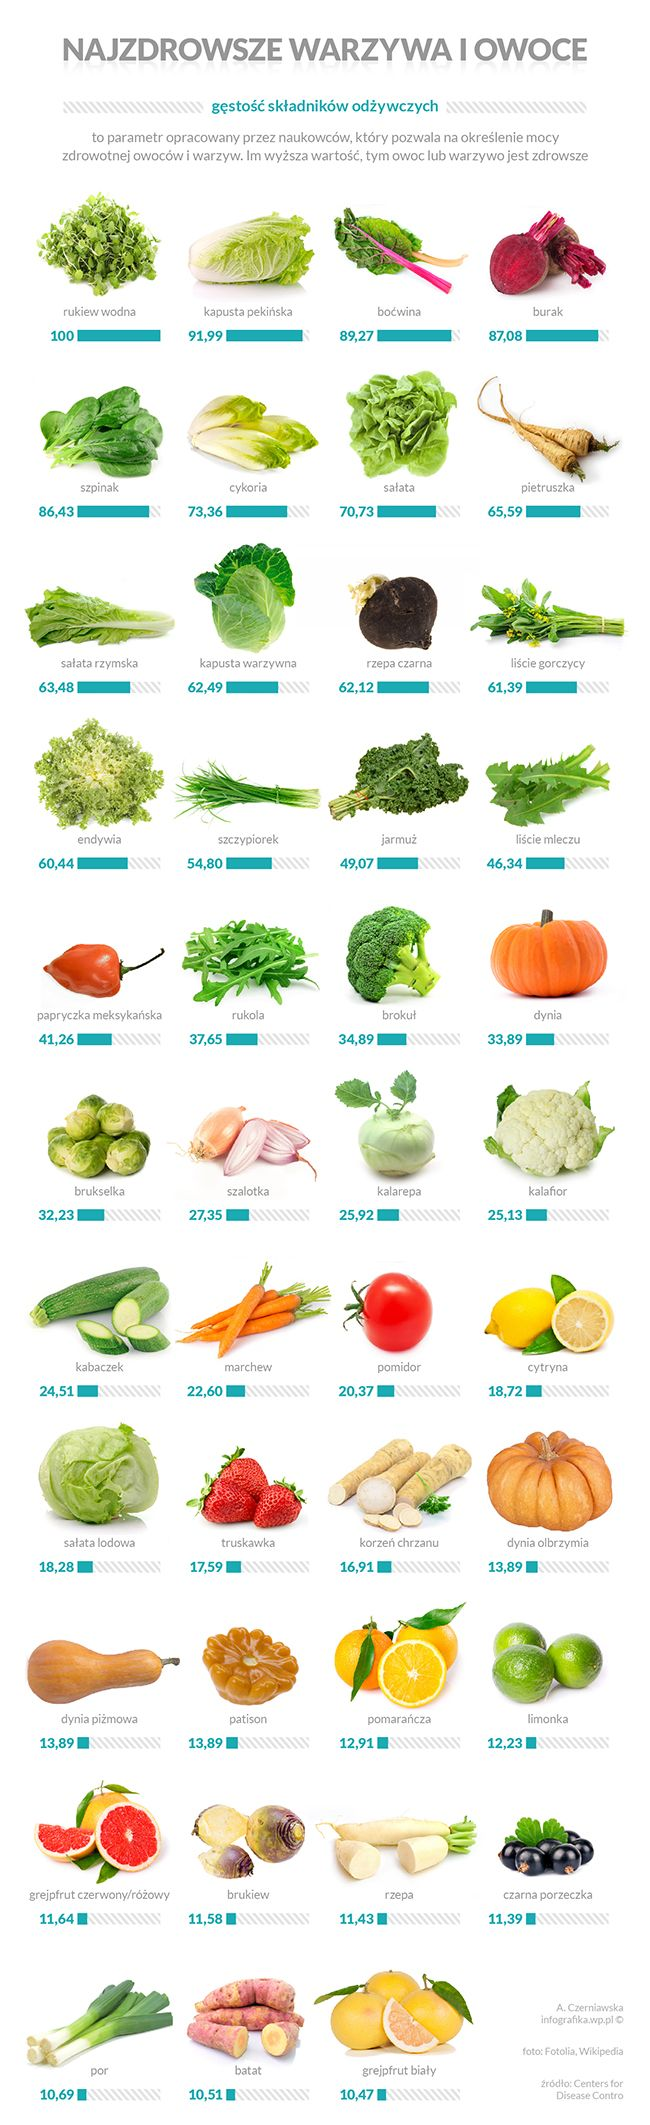 Ranking najzdrowszych warzyw i owoców